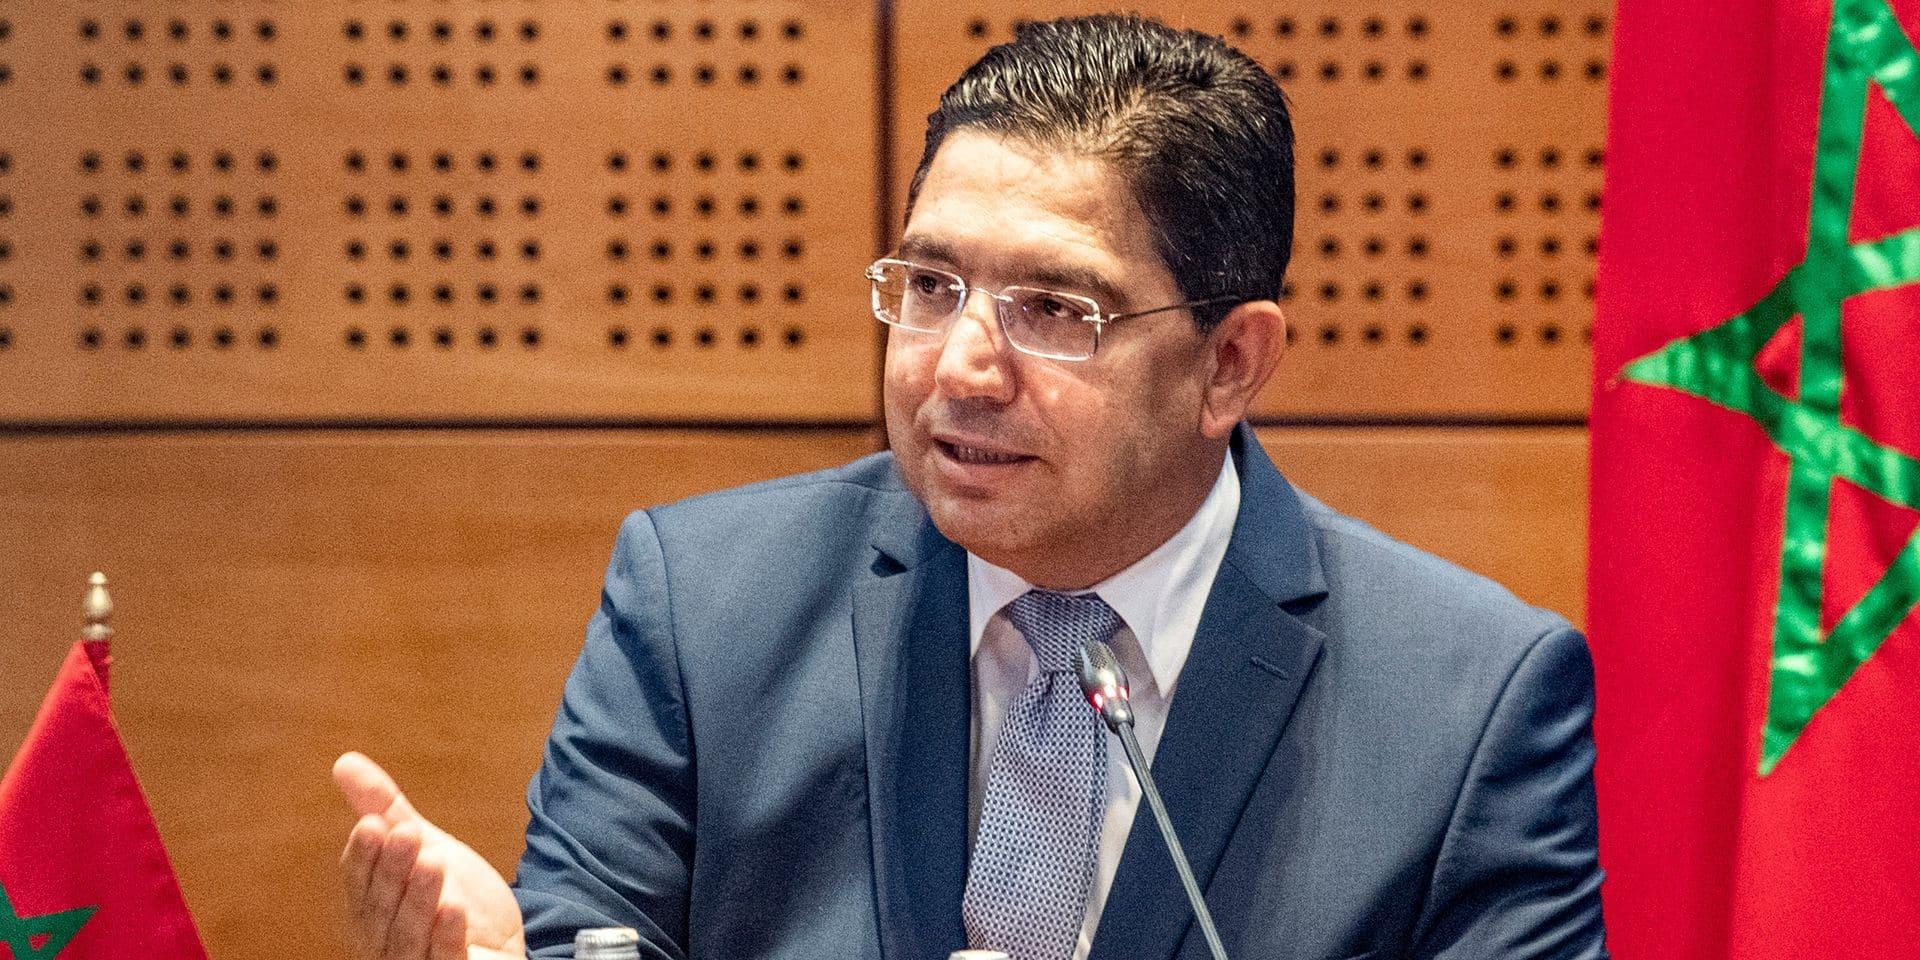 Le Maroc suspend ses contacts avec l'ambassade d'Allemagne